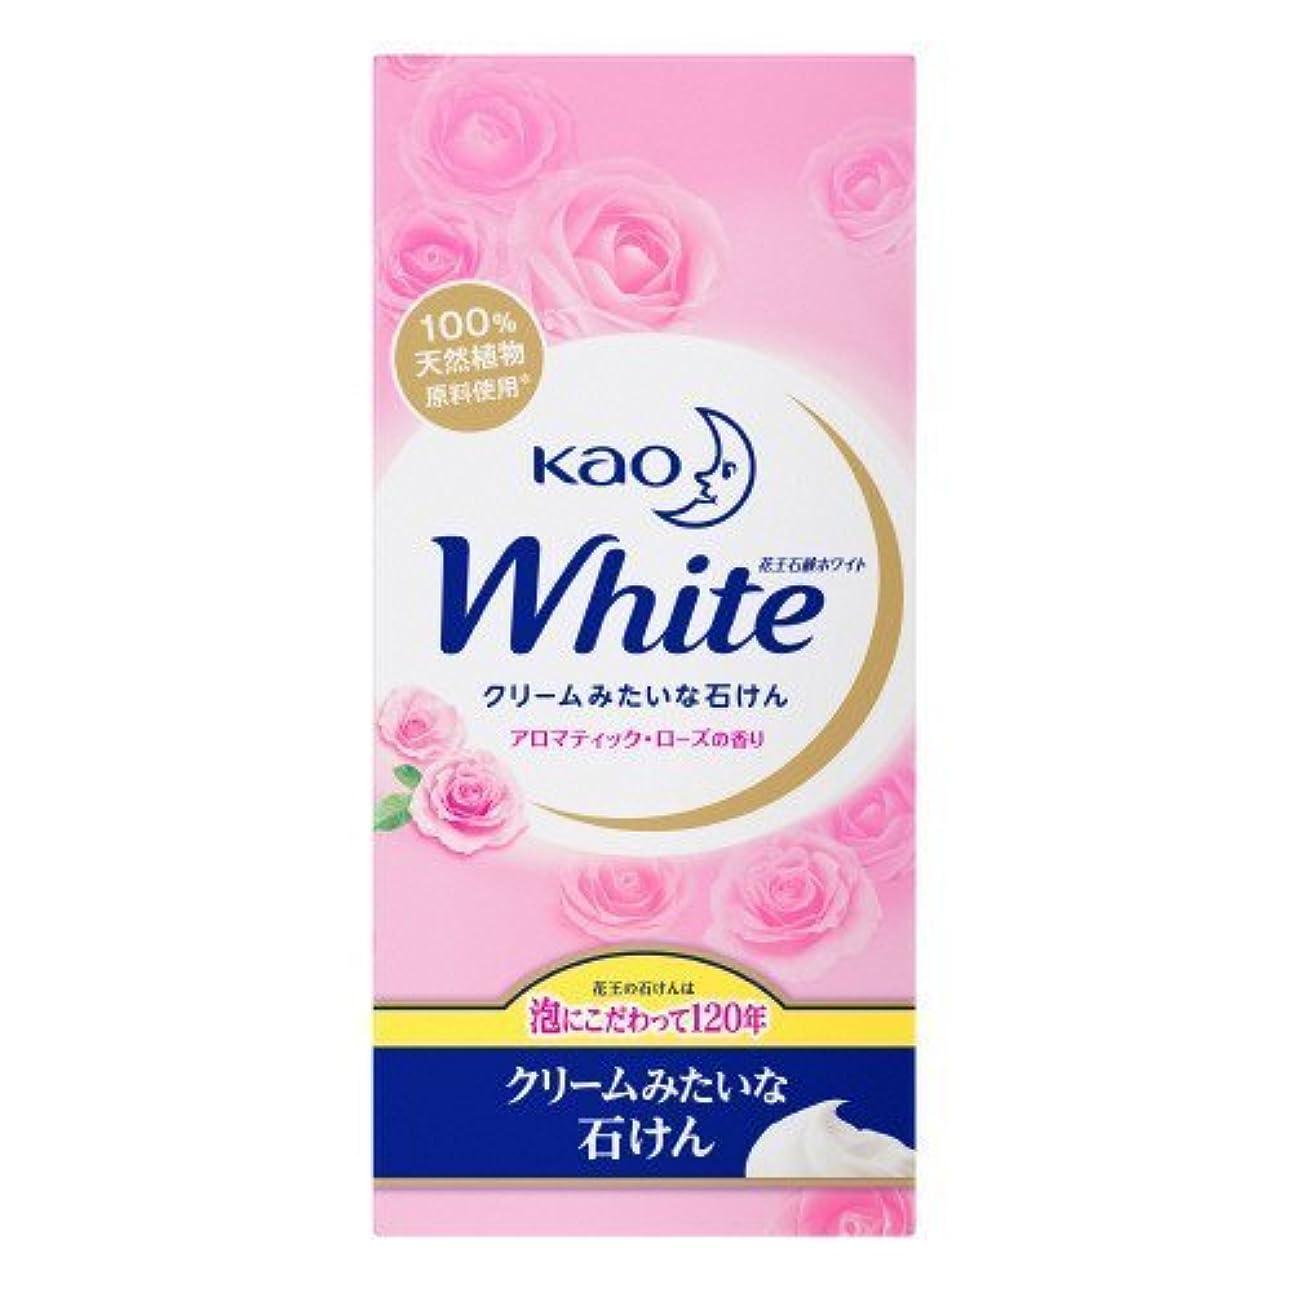 投資ダウンタウンバタフライ【花王】花王ホワイト アロマティックローズの香りレギュラーサイズ (85g×6個) ×10個セット